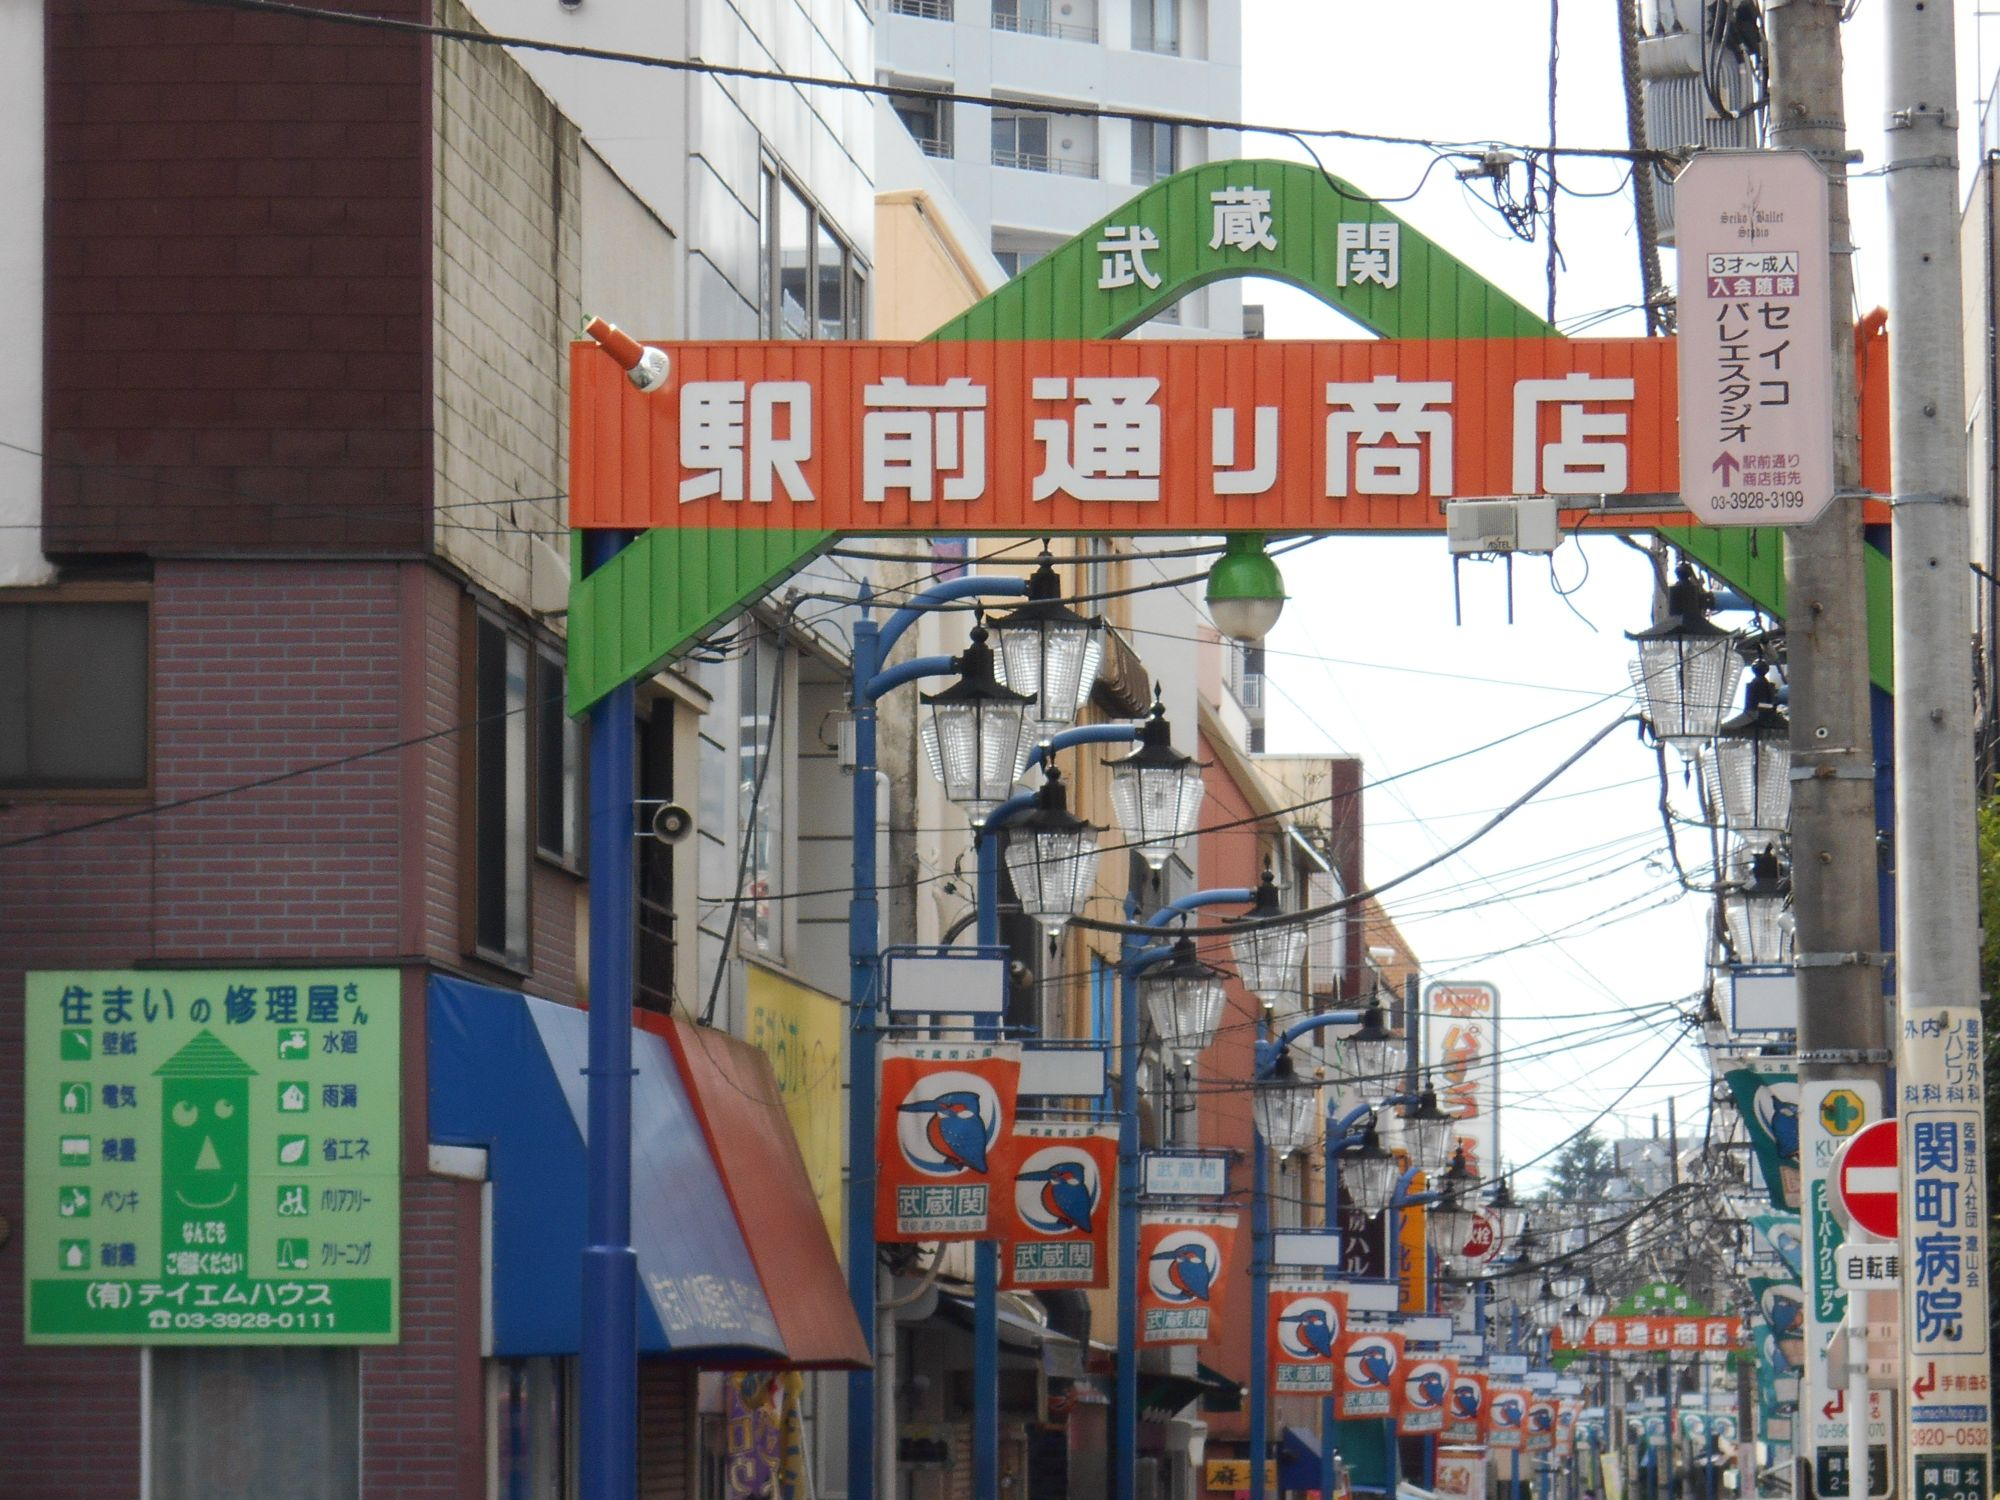 周辺施設:武蔵関駅駅前通り商店街